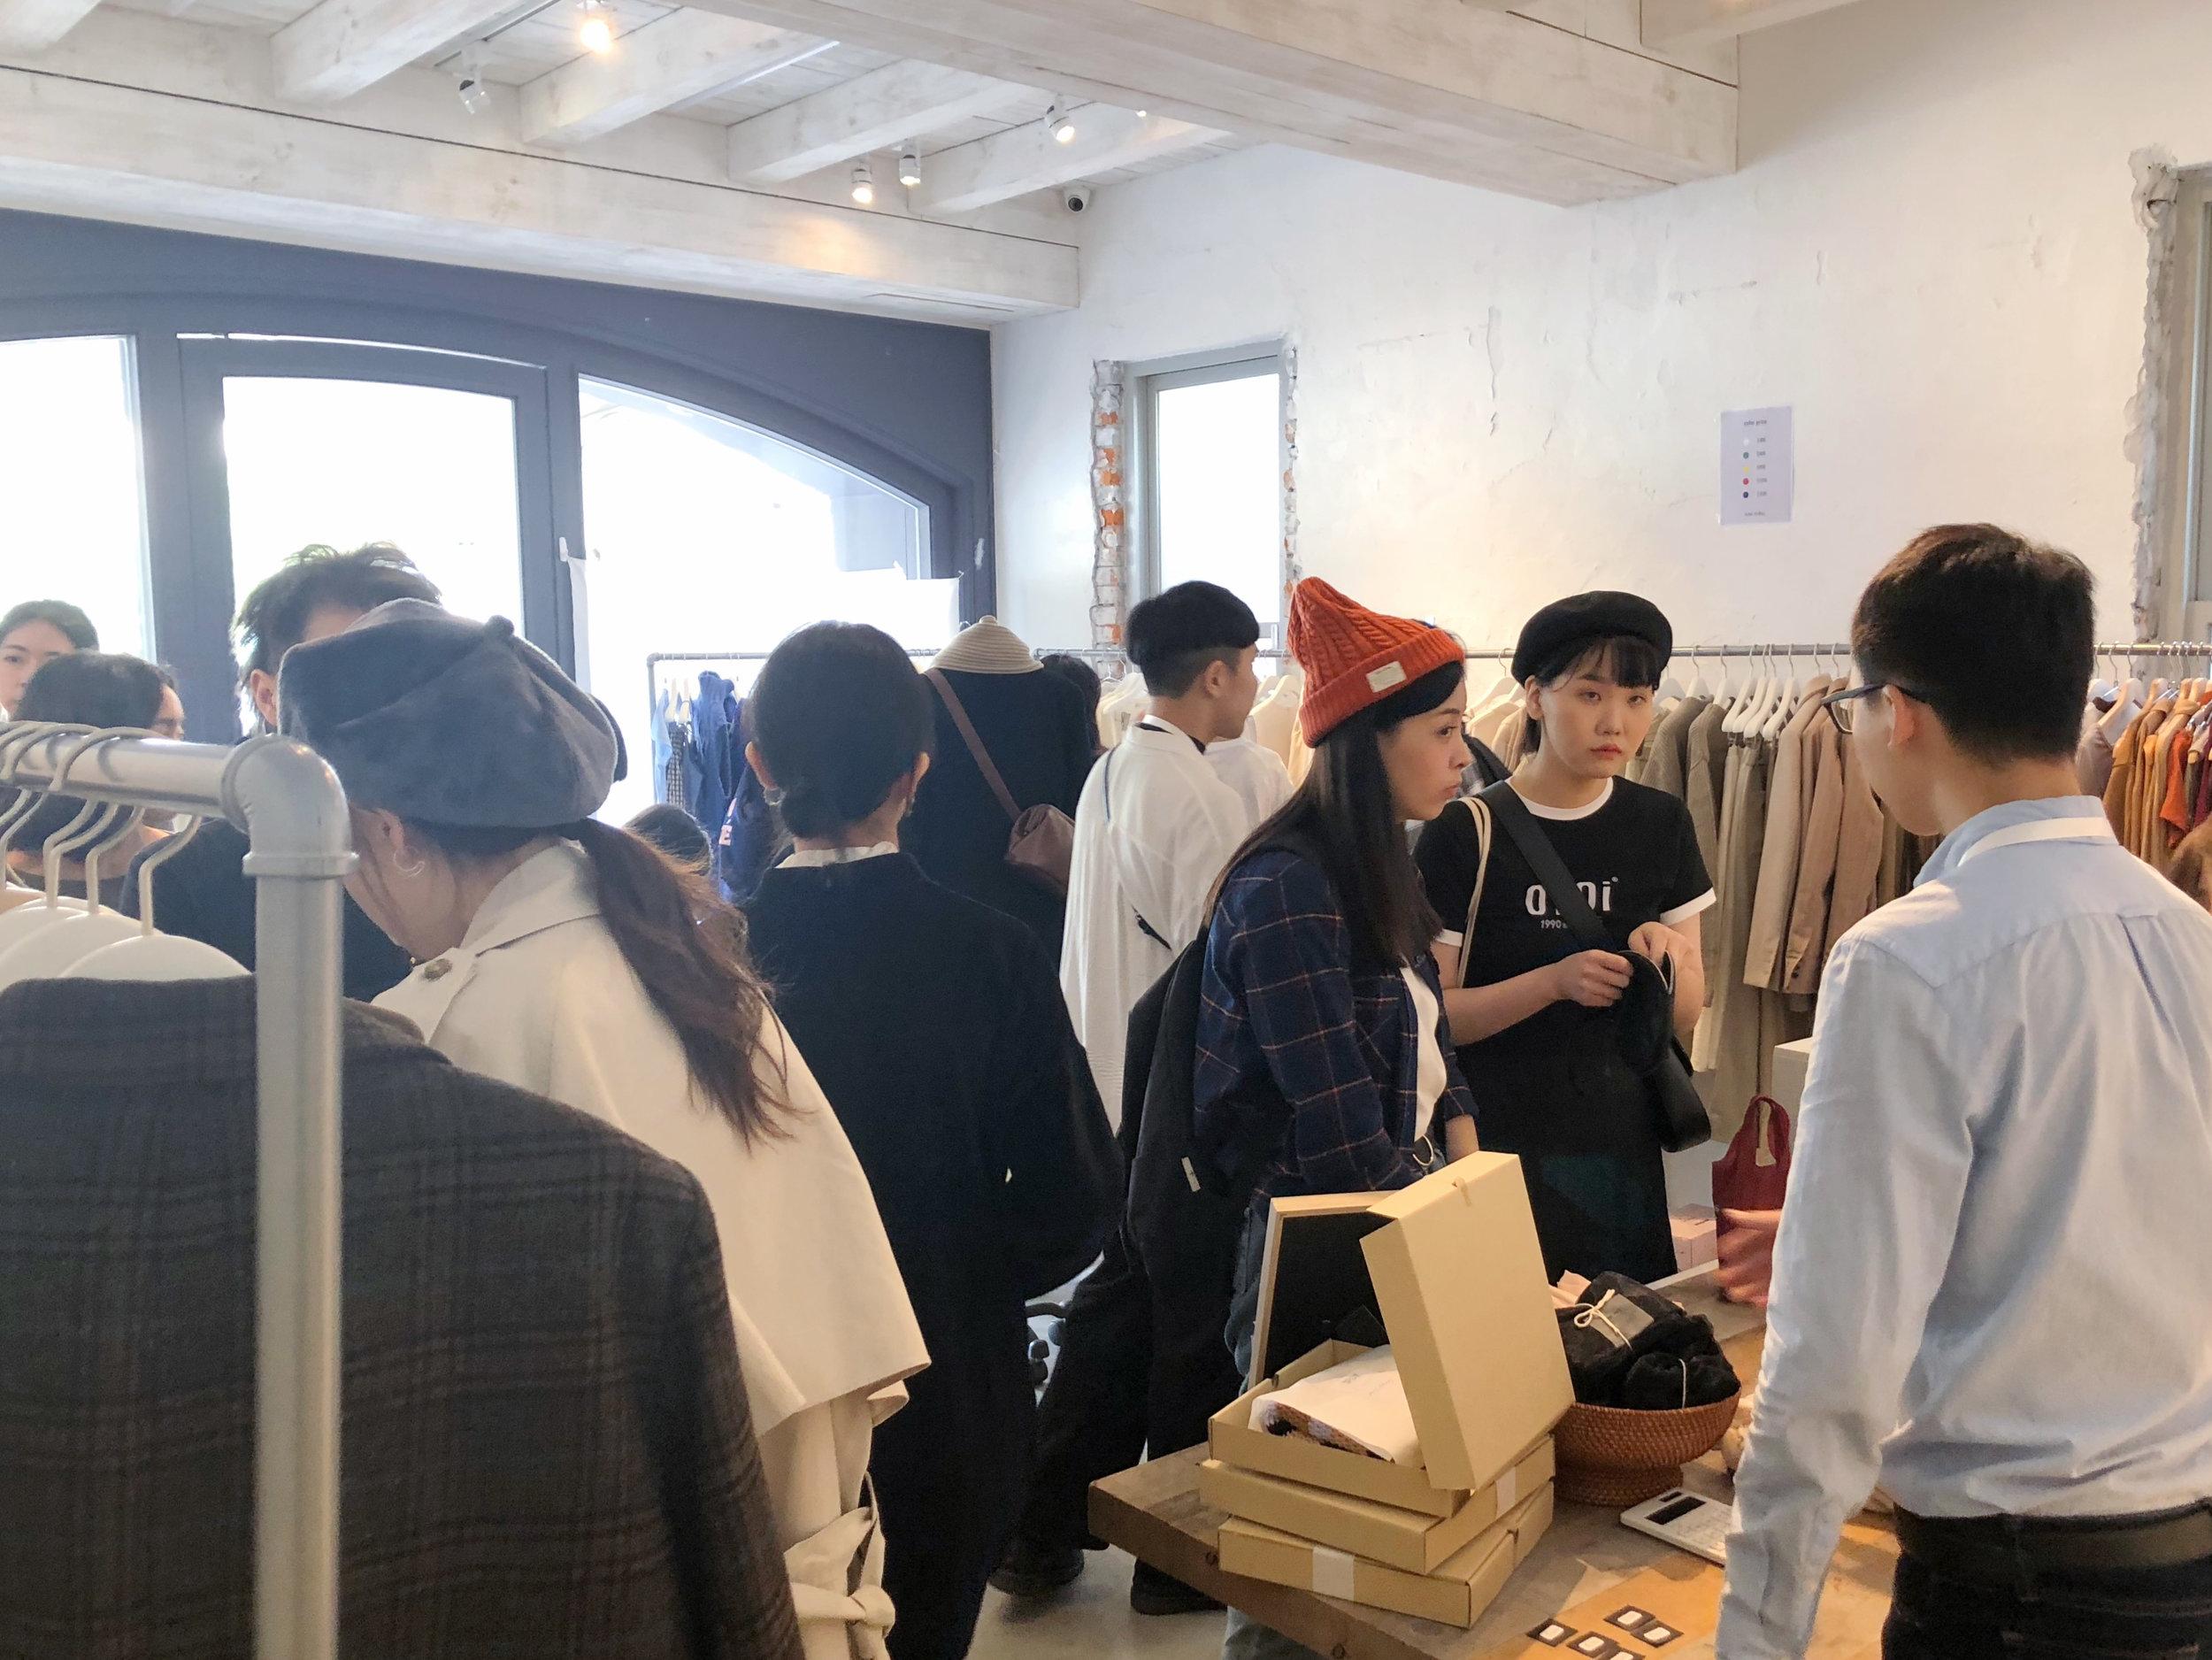 popup-shop-快閃店場-場地租借-展覽空間-咖啡廳租借-中山區-平面拍攝-動態-1.jpg